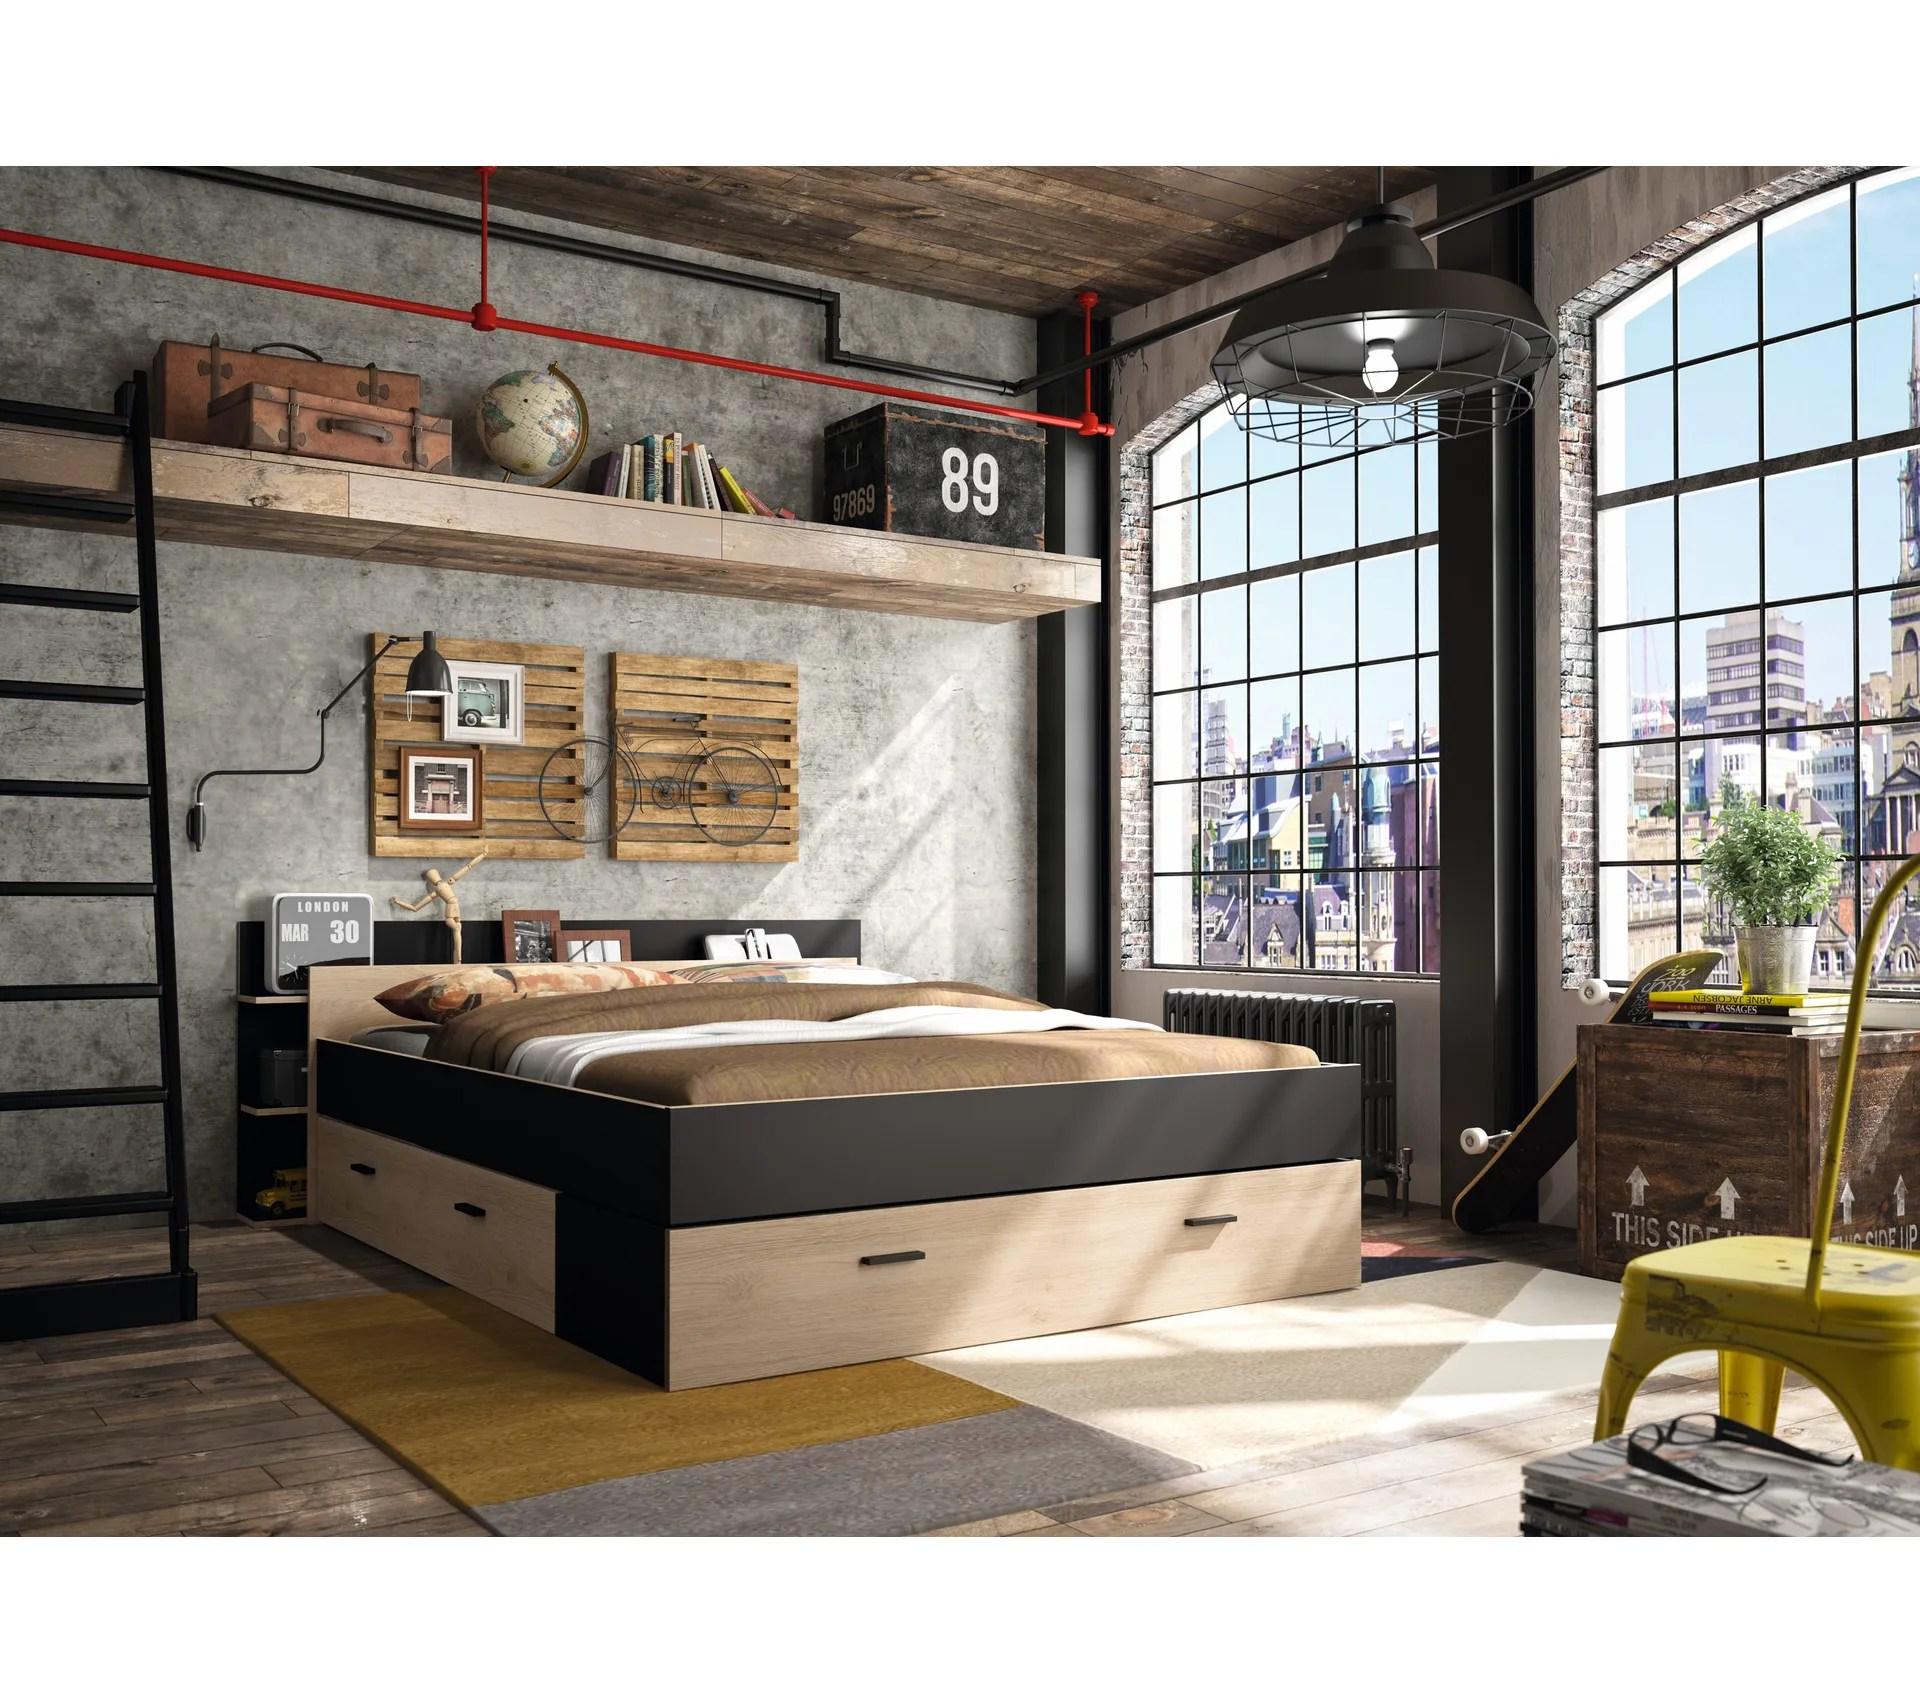 lit avec rangements 140x190 cm tonight style industriel imitation chene et noir